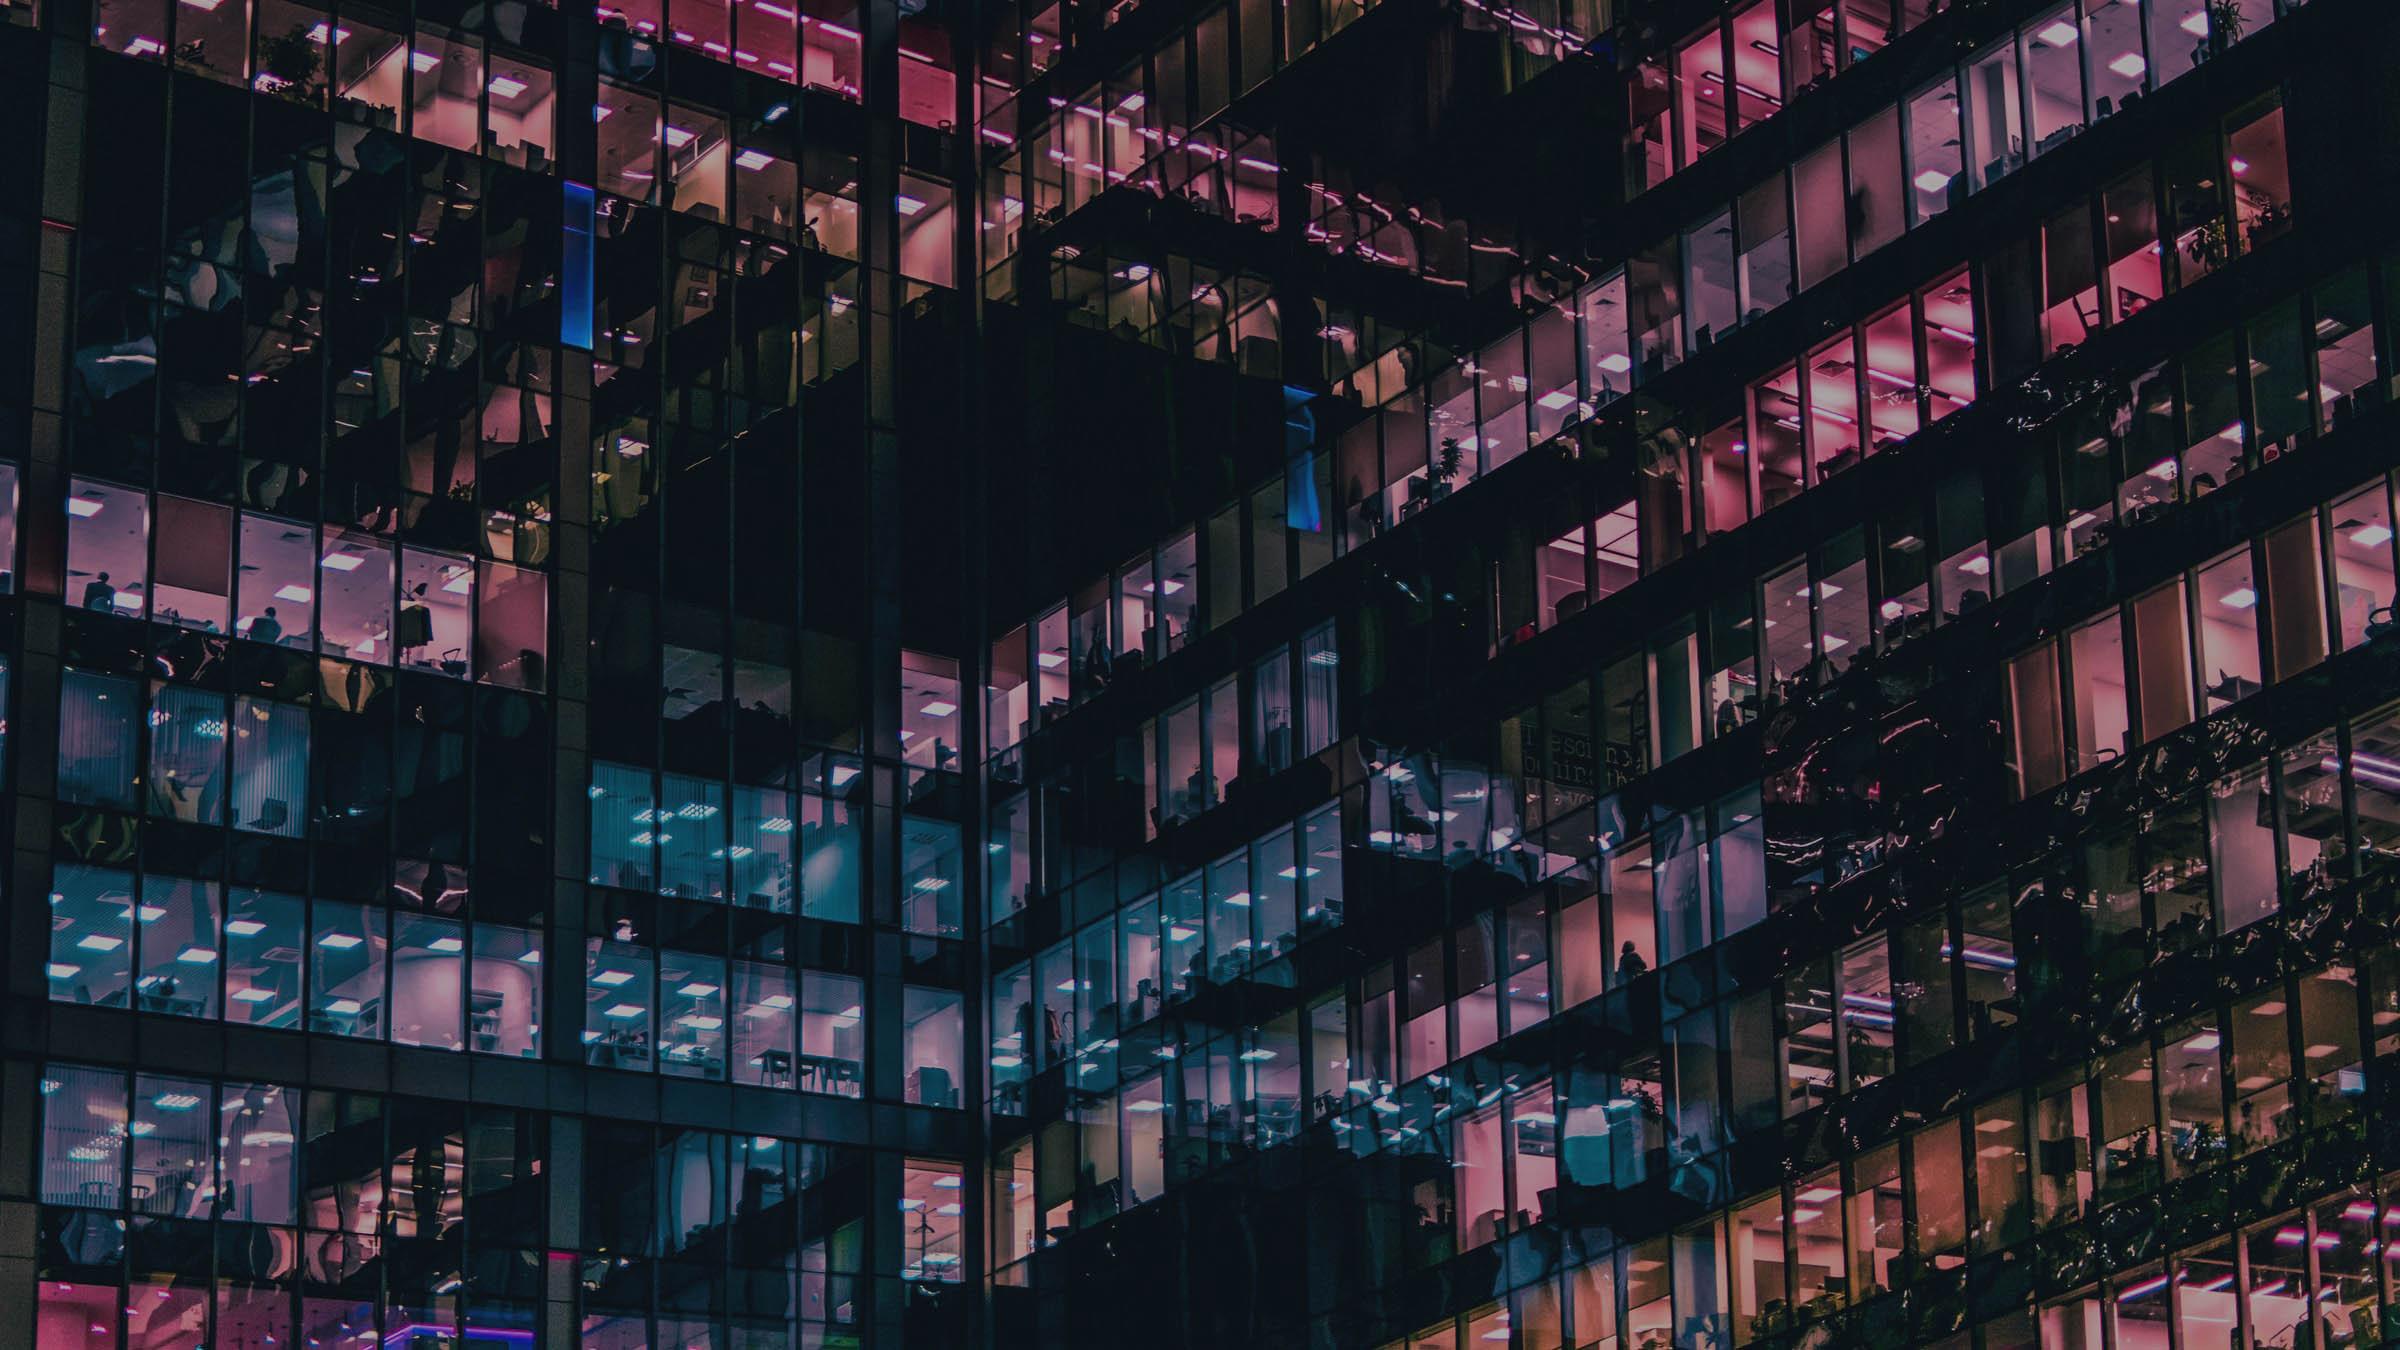 ბიზნესის ციფრული ტრანსფორმაცია